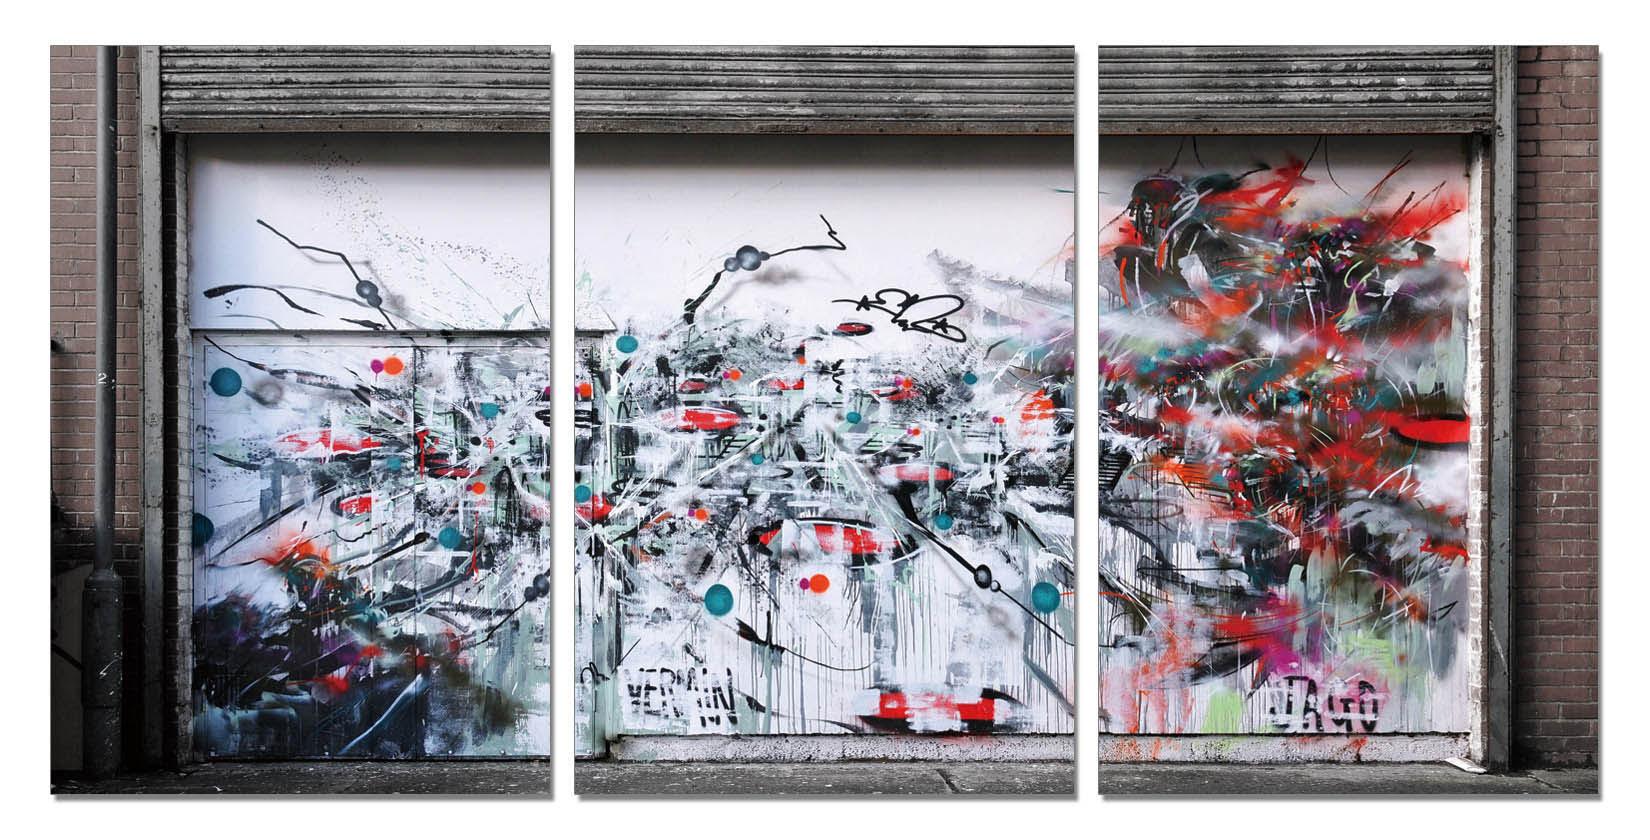 聚鯨Cetacea﹡Art【街頭塗鴉藝術TC-1568ABC印製畫】無框畫 裝飾掛畫 商業空間 居家裝飾 客廳 寢室